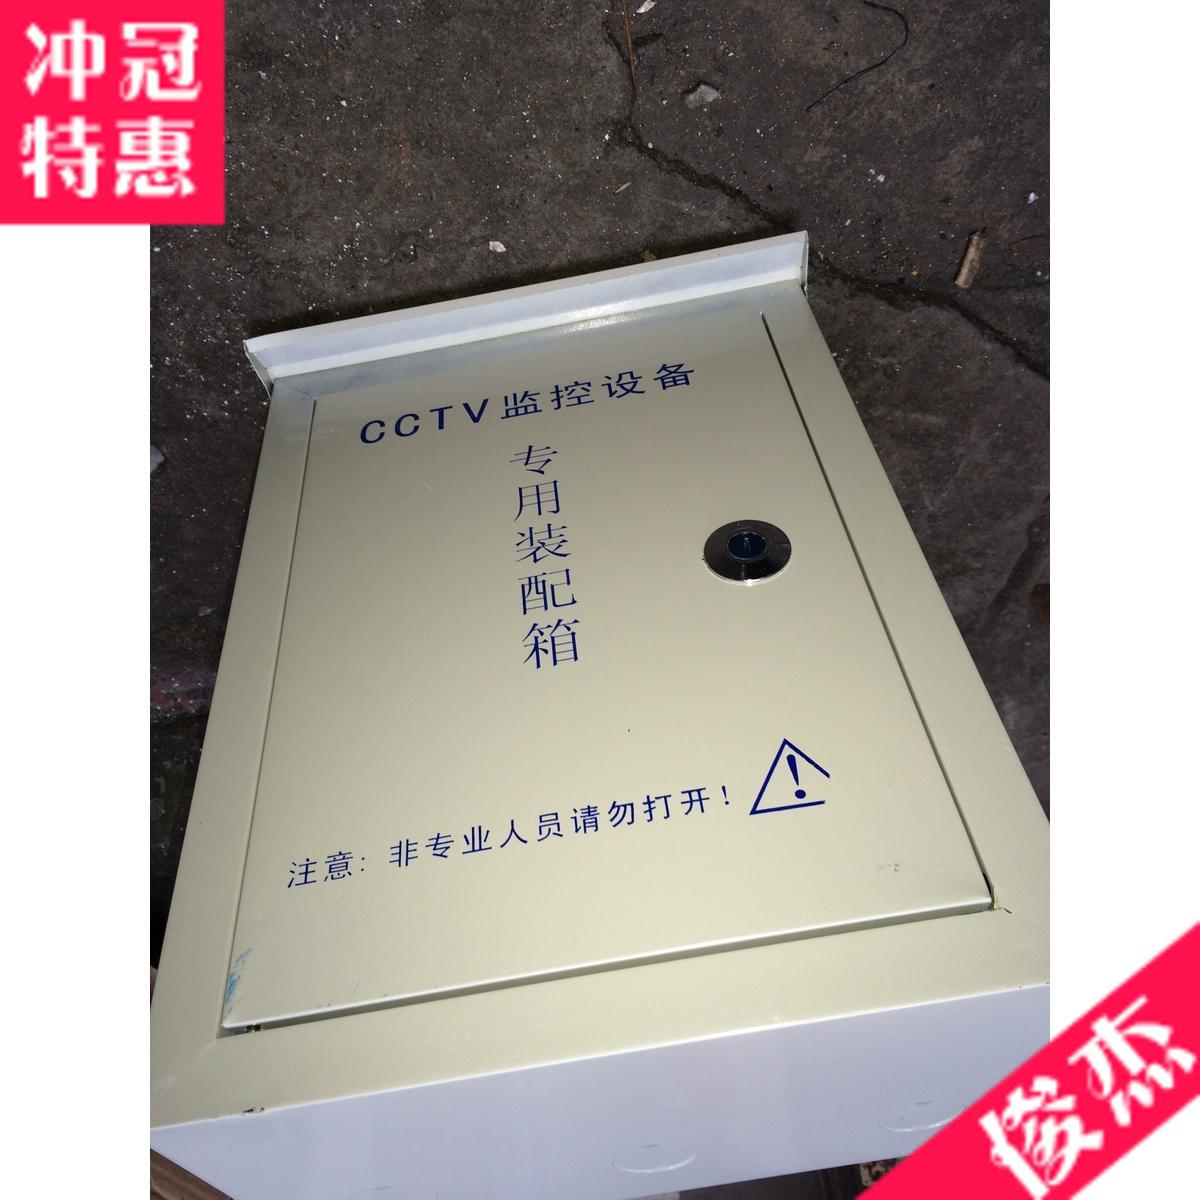 装配箱 400*300*160MM 监控防水箱 配电箱 光端机 交换机等都可以